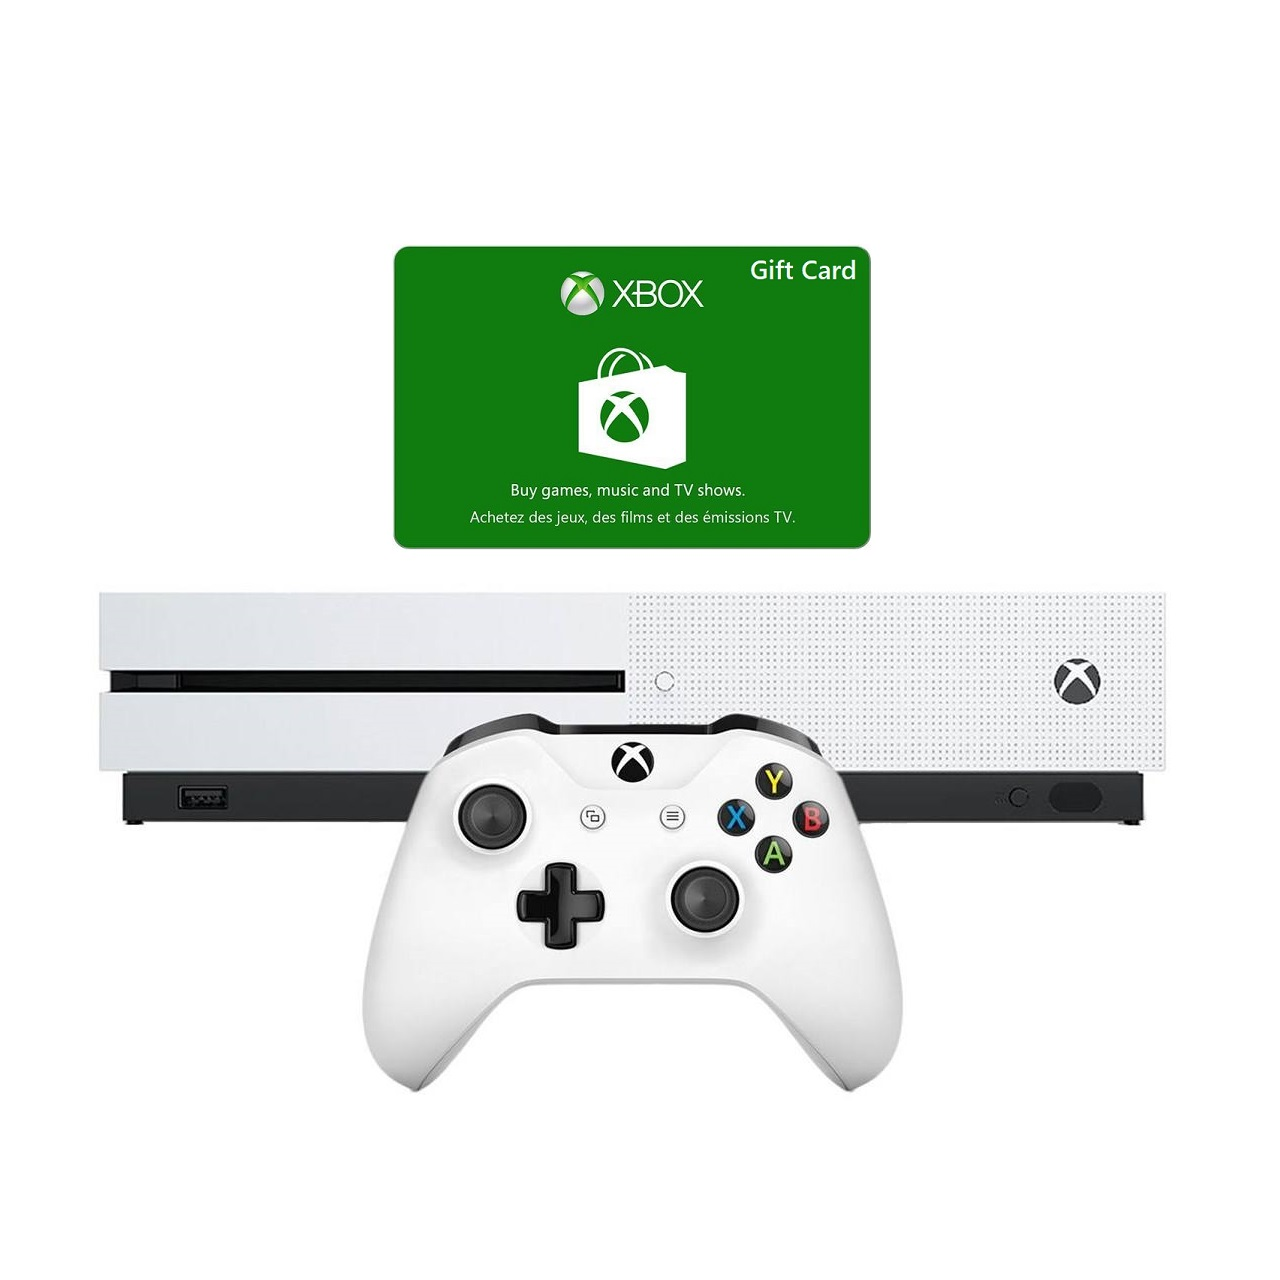 کنسول بازی مایکروسافت مدل Xbox One S ظرفیت 1 ترابایت به همراه گیفت کارت فول بازی